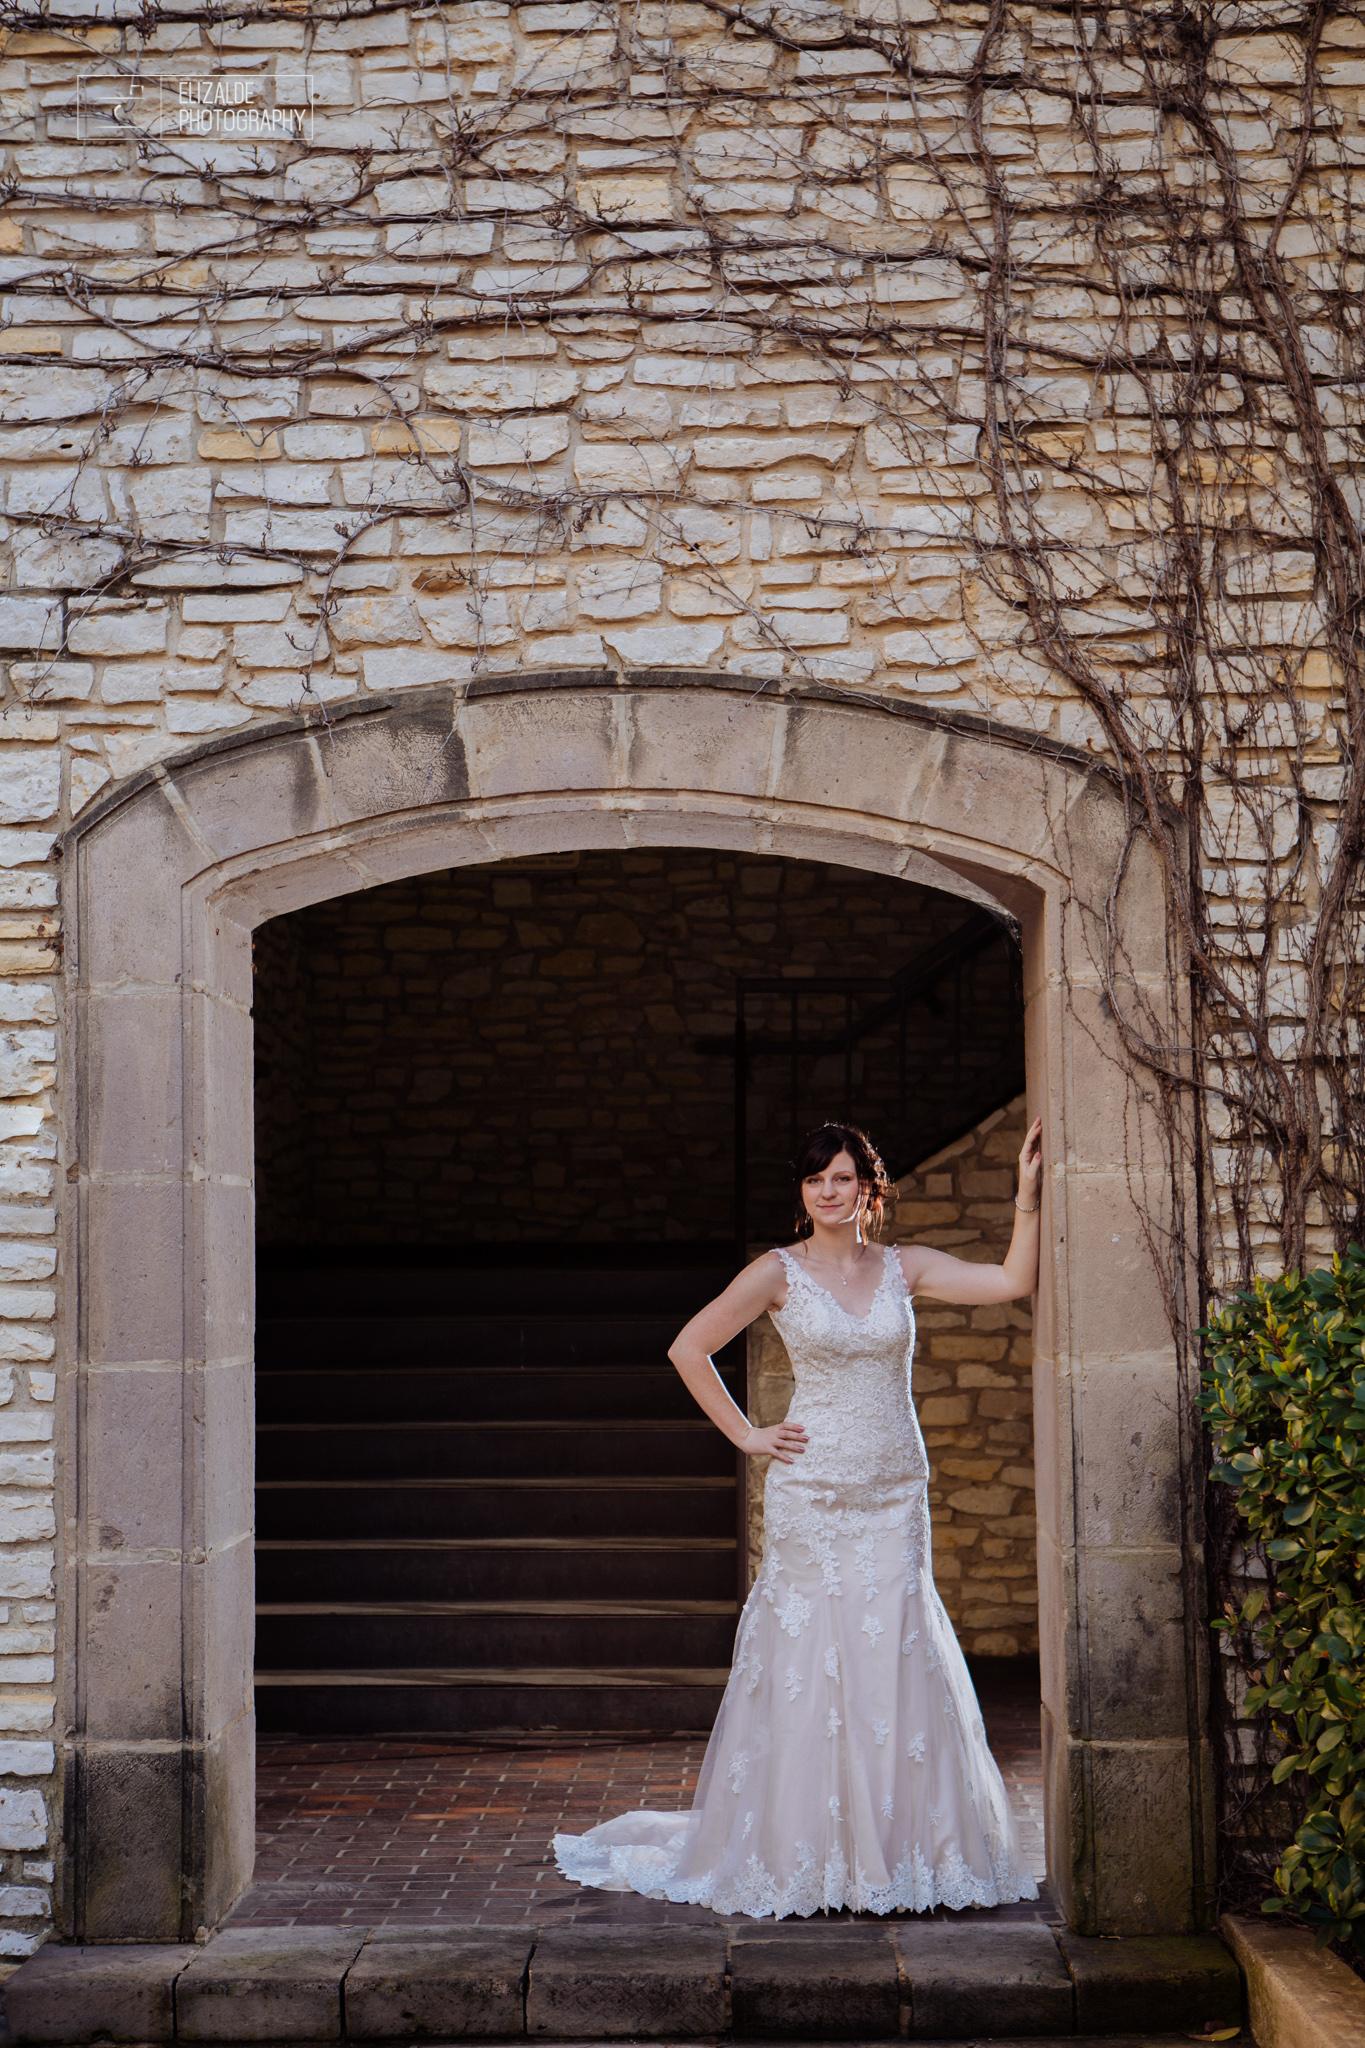 Kelly_Bridals_Omni_DFW_wedding_blog-3.jpg